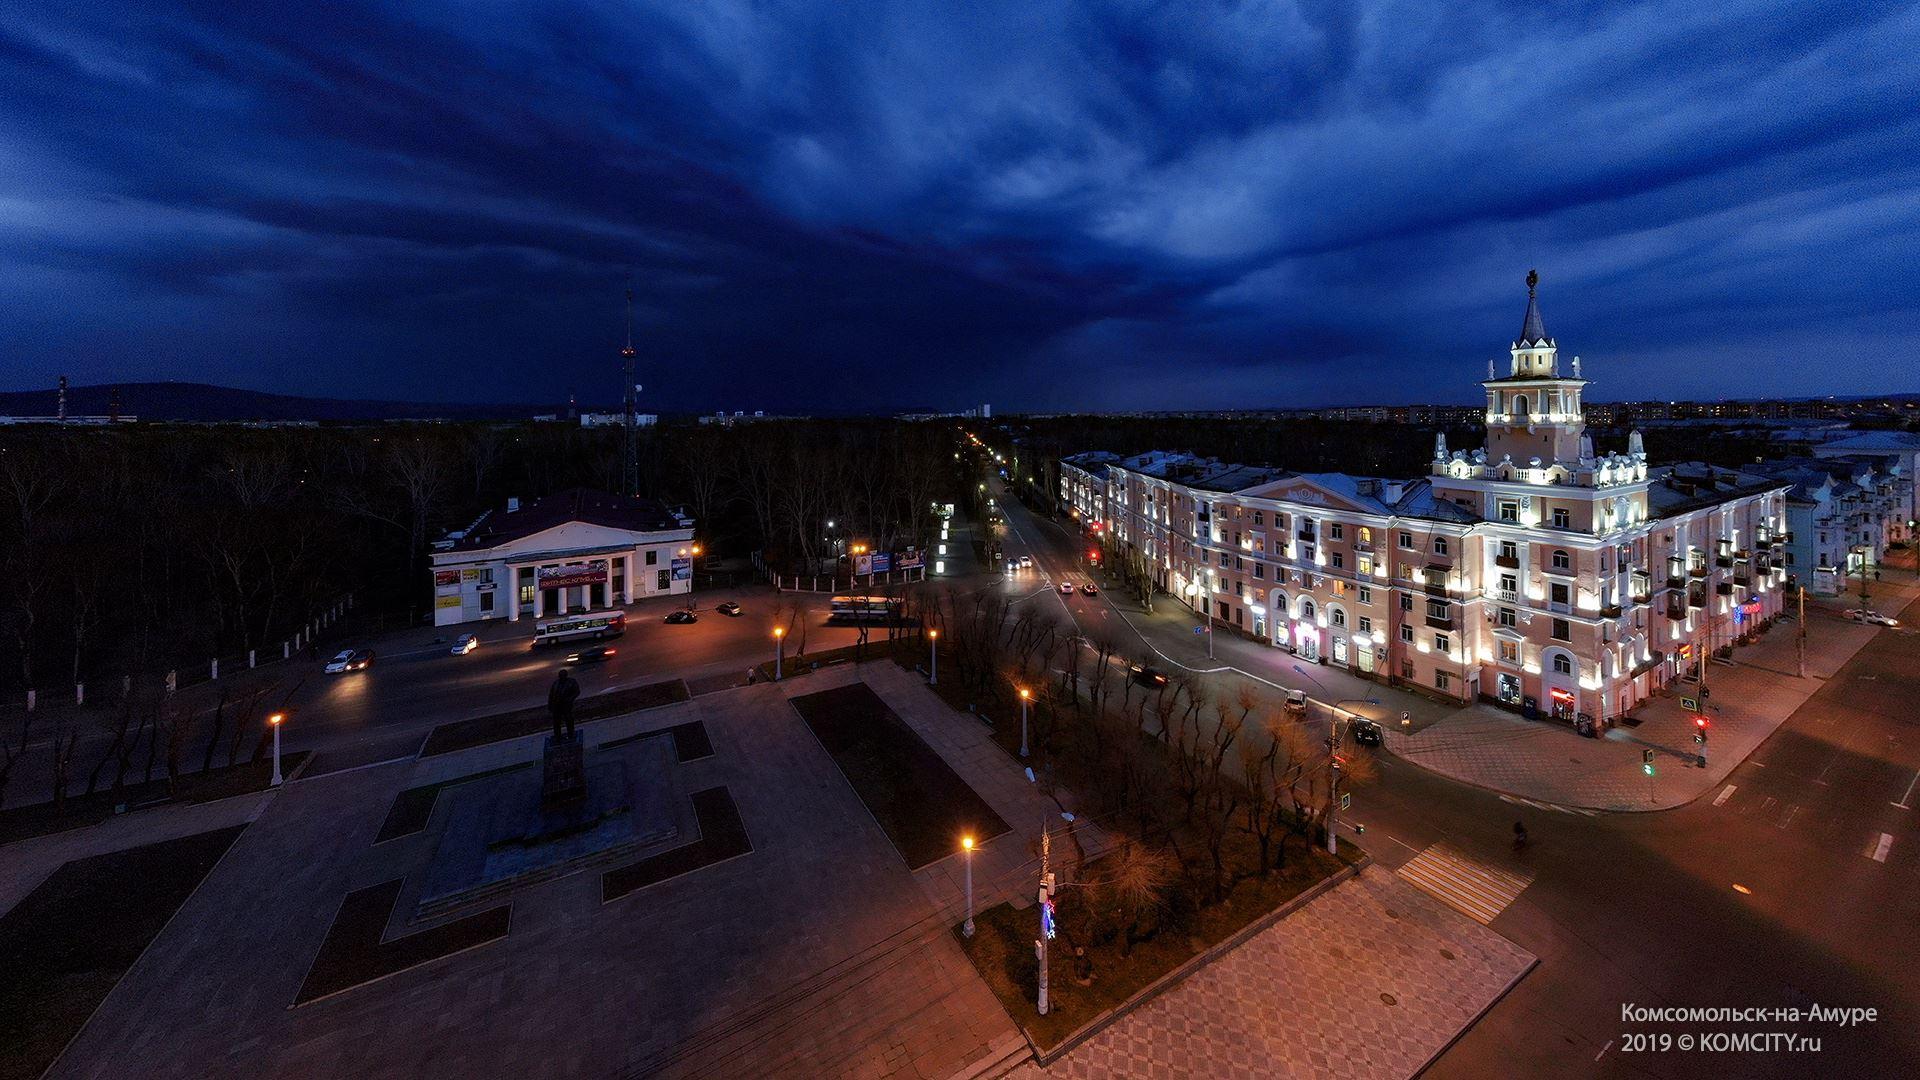 красивого картинки города комсомольск на амуре консервативный стиль, который